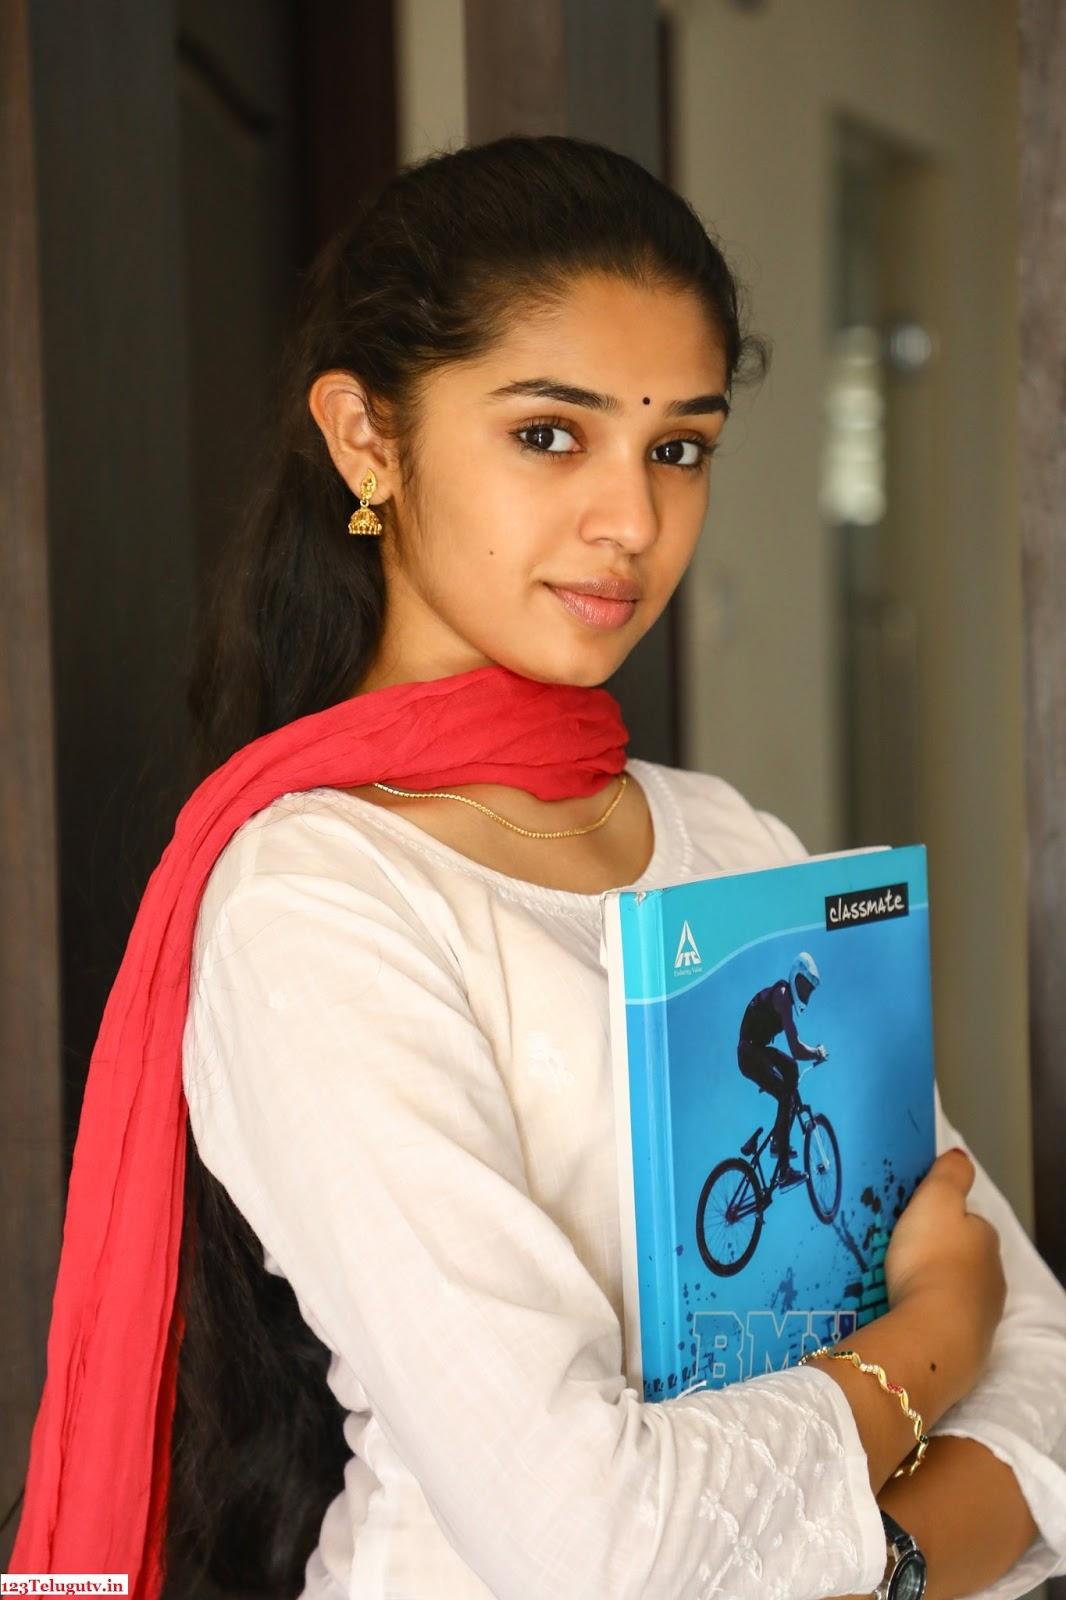 Uppena Movie Heroine Krithi Shetty Photos - Krithi Shetty